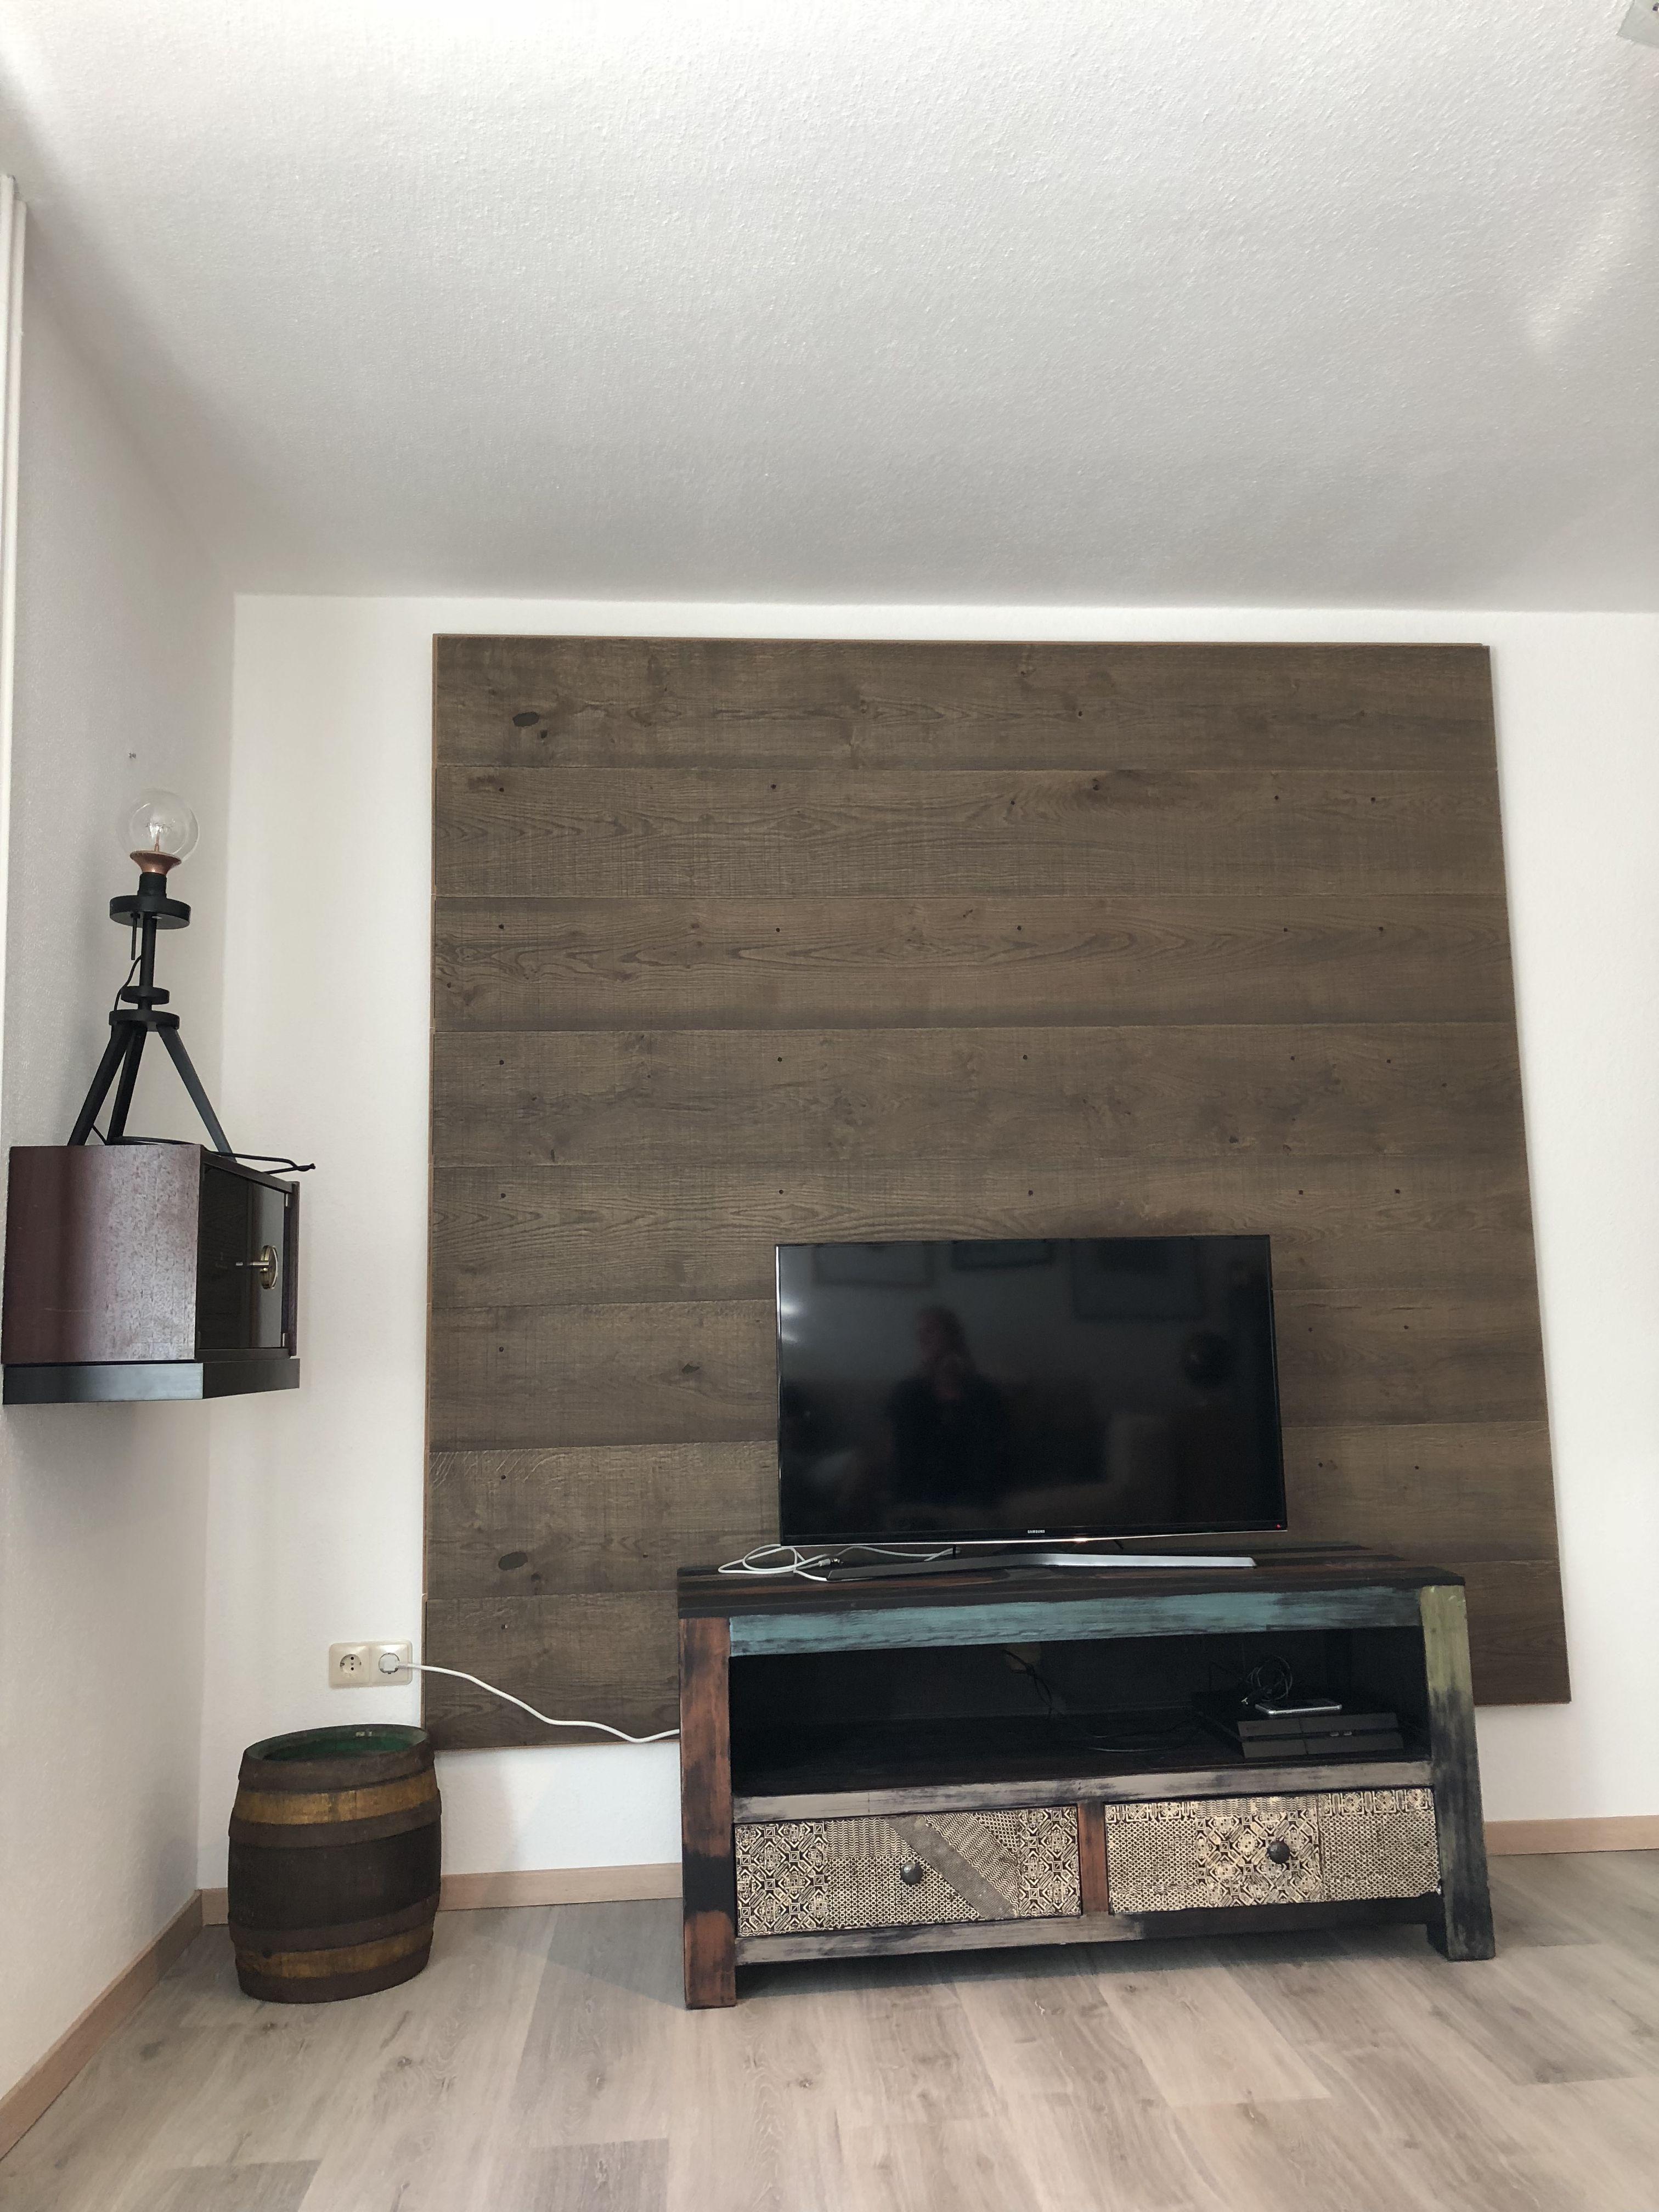 #Wallart #Wandverkleidung #Holzwand #Wallart #Dyi #Selfmade #Parkett #Unterkonstruktion